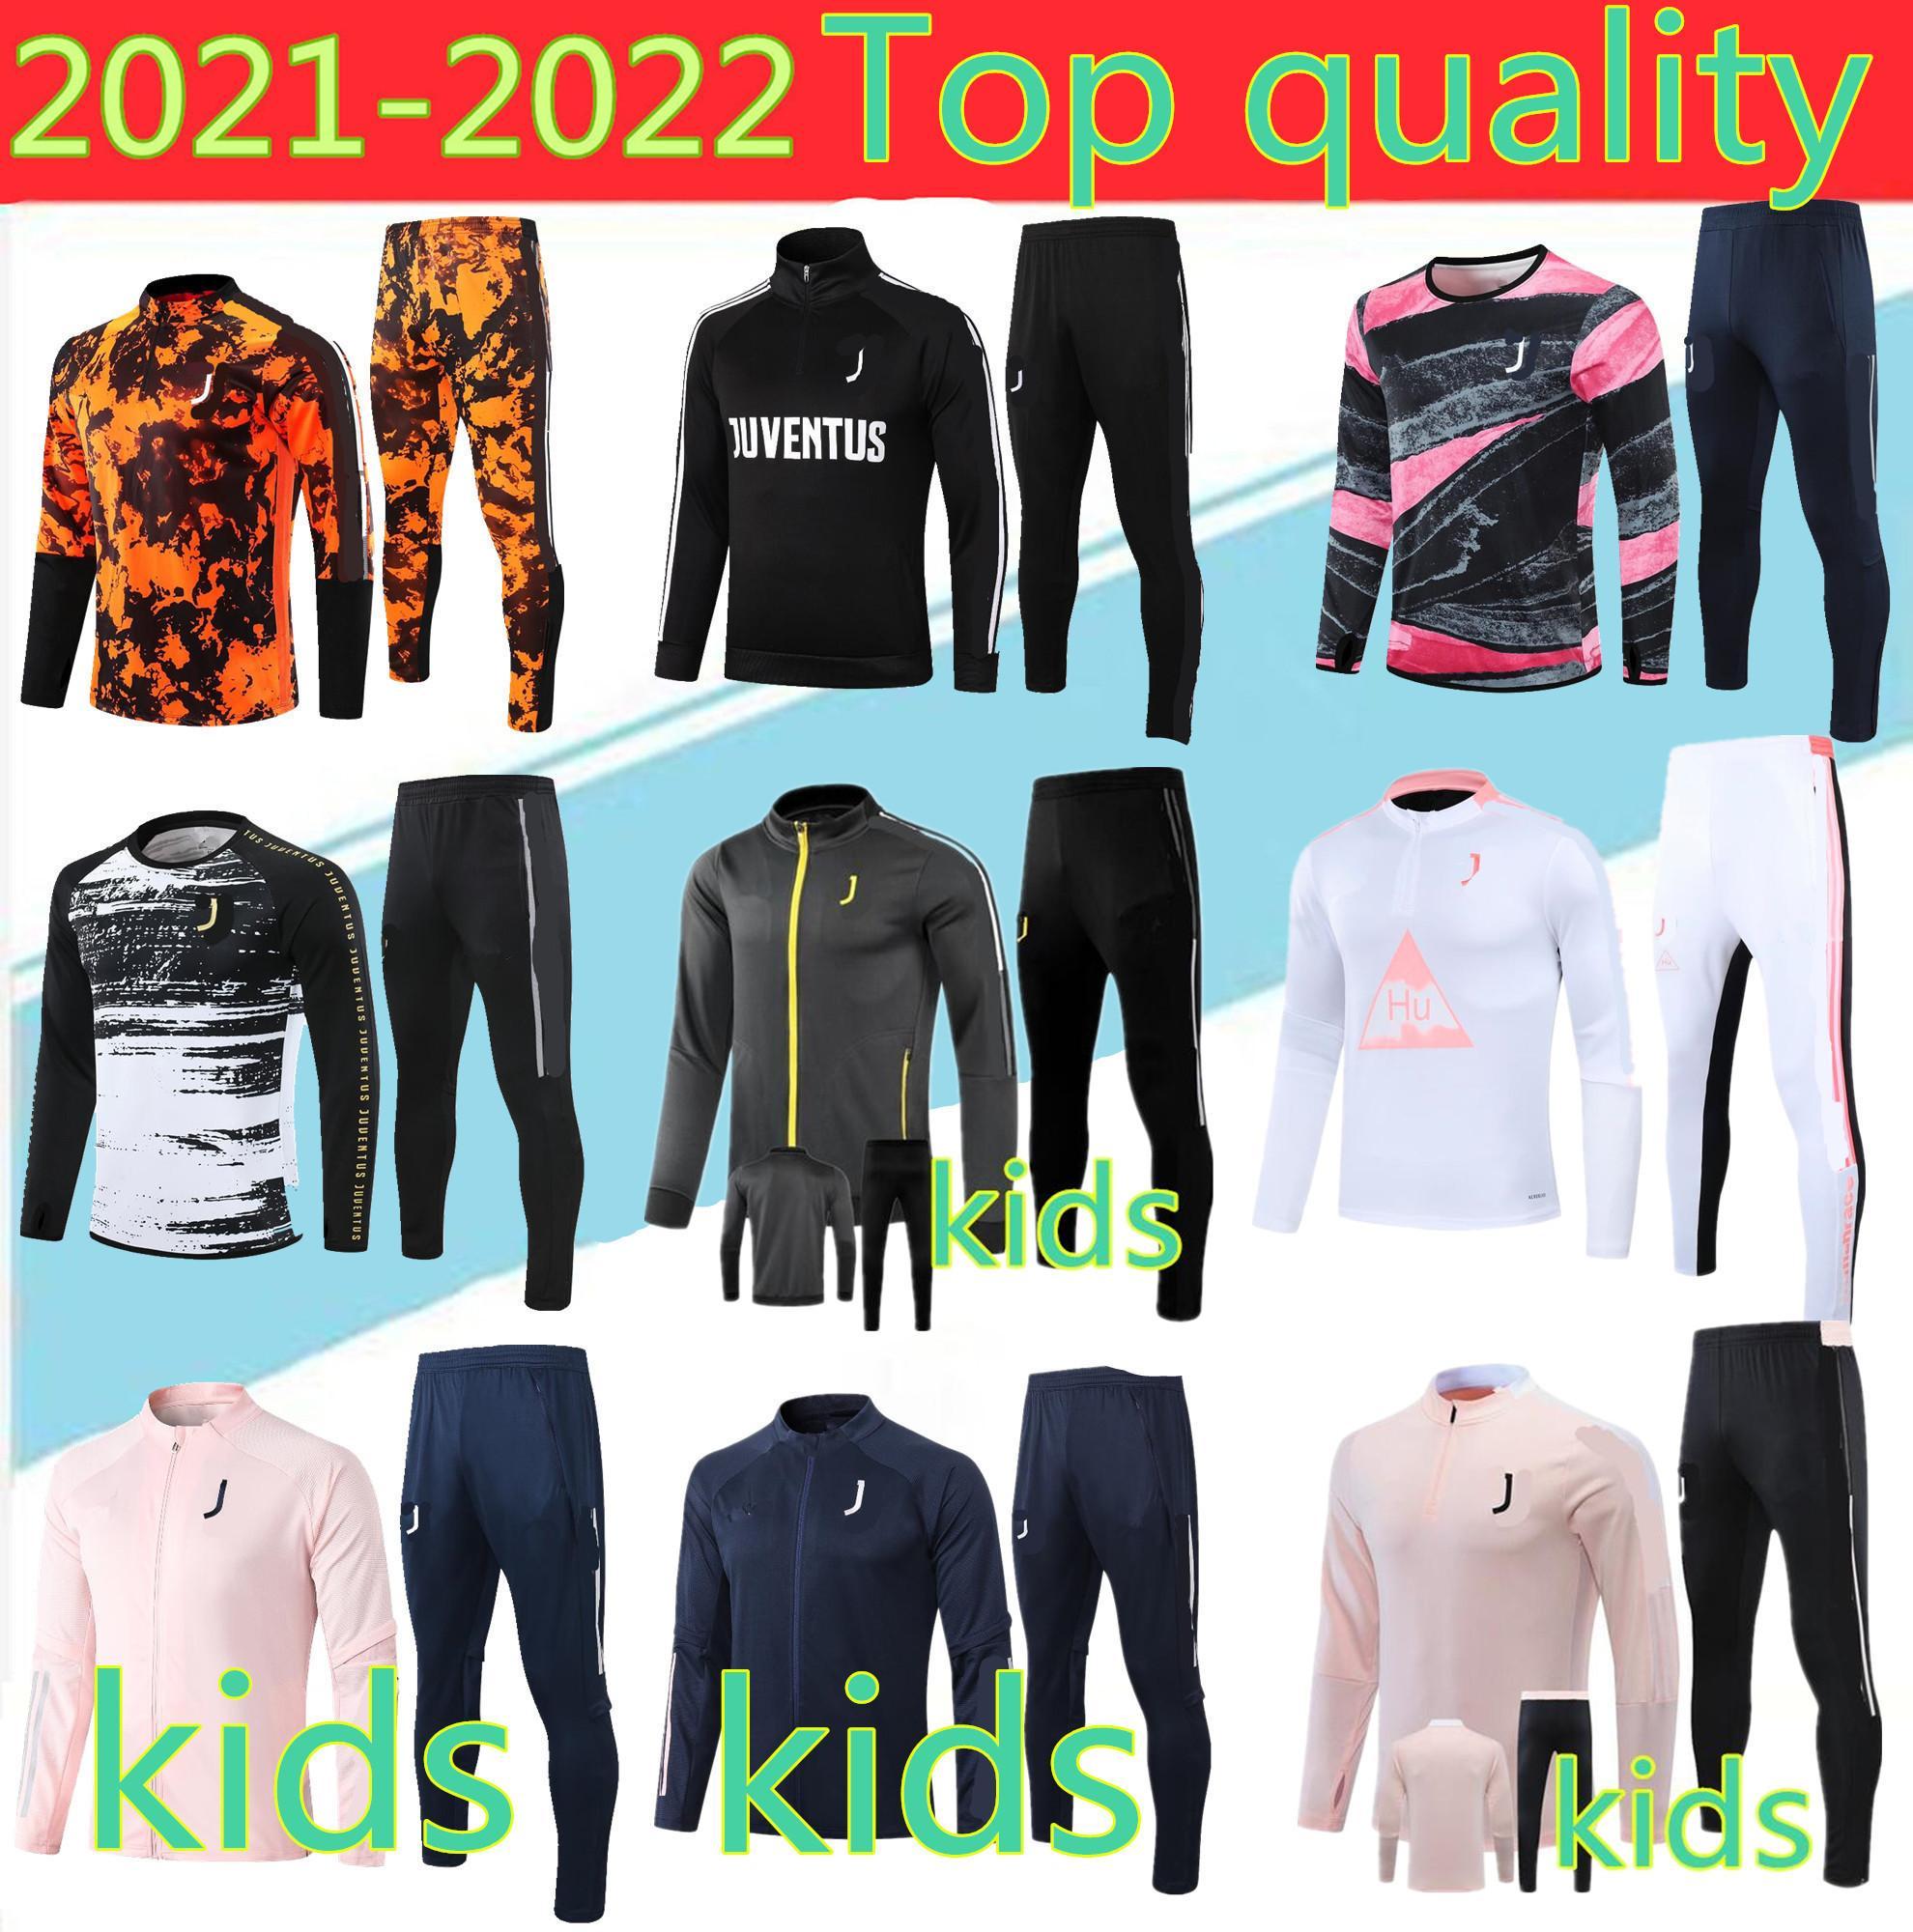 축구 Survêtement Jacket 2021DyBala 조끼 키트 juve survêtement 완료 De Veste de Football à Glissière enfants